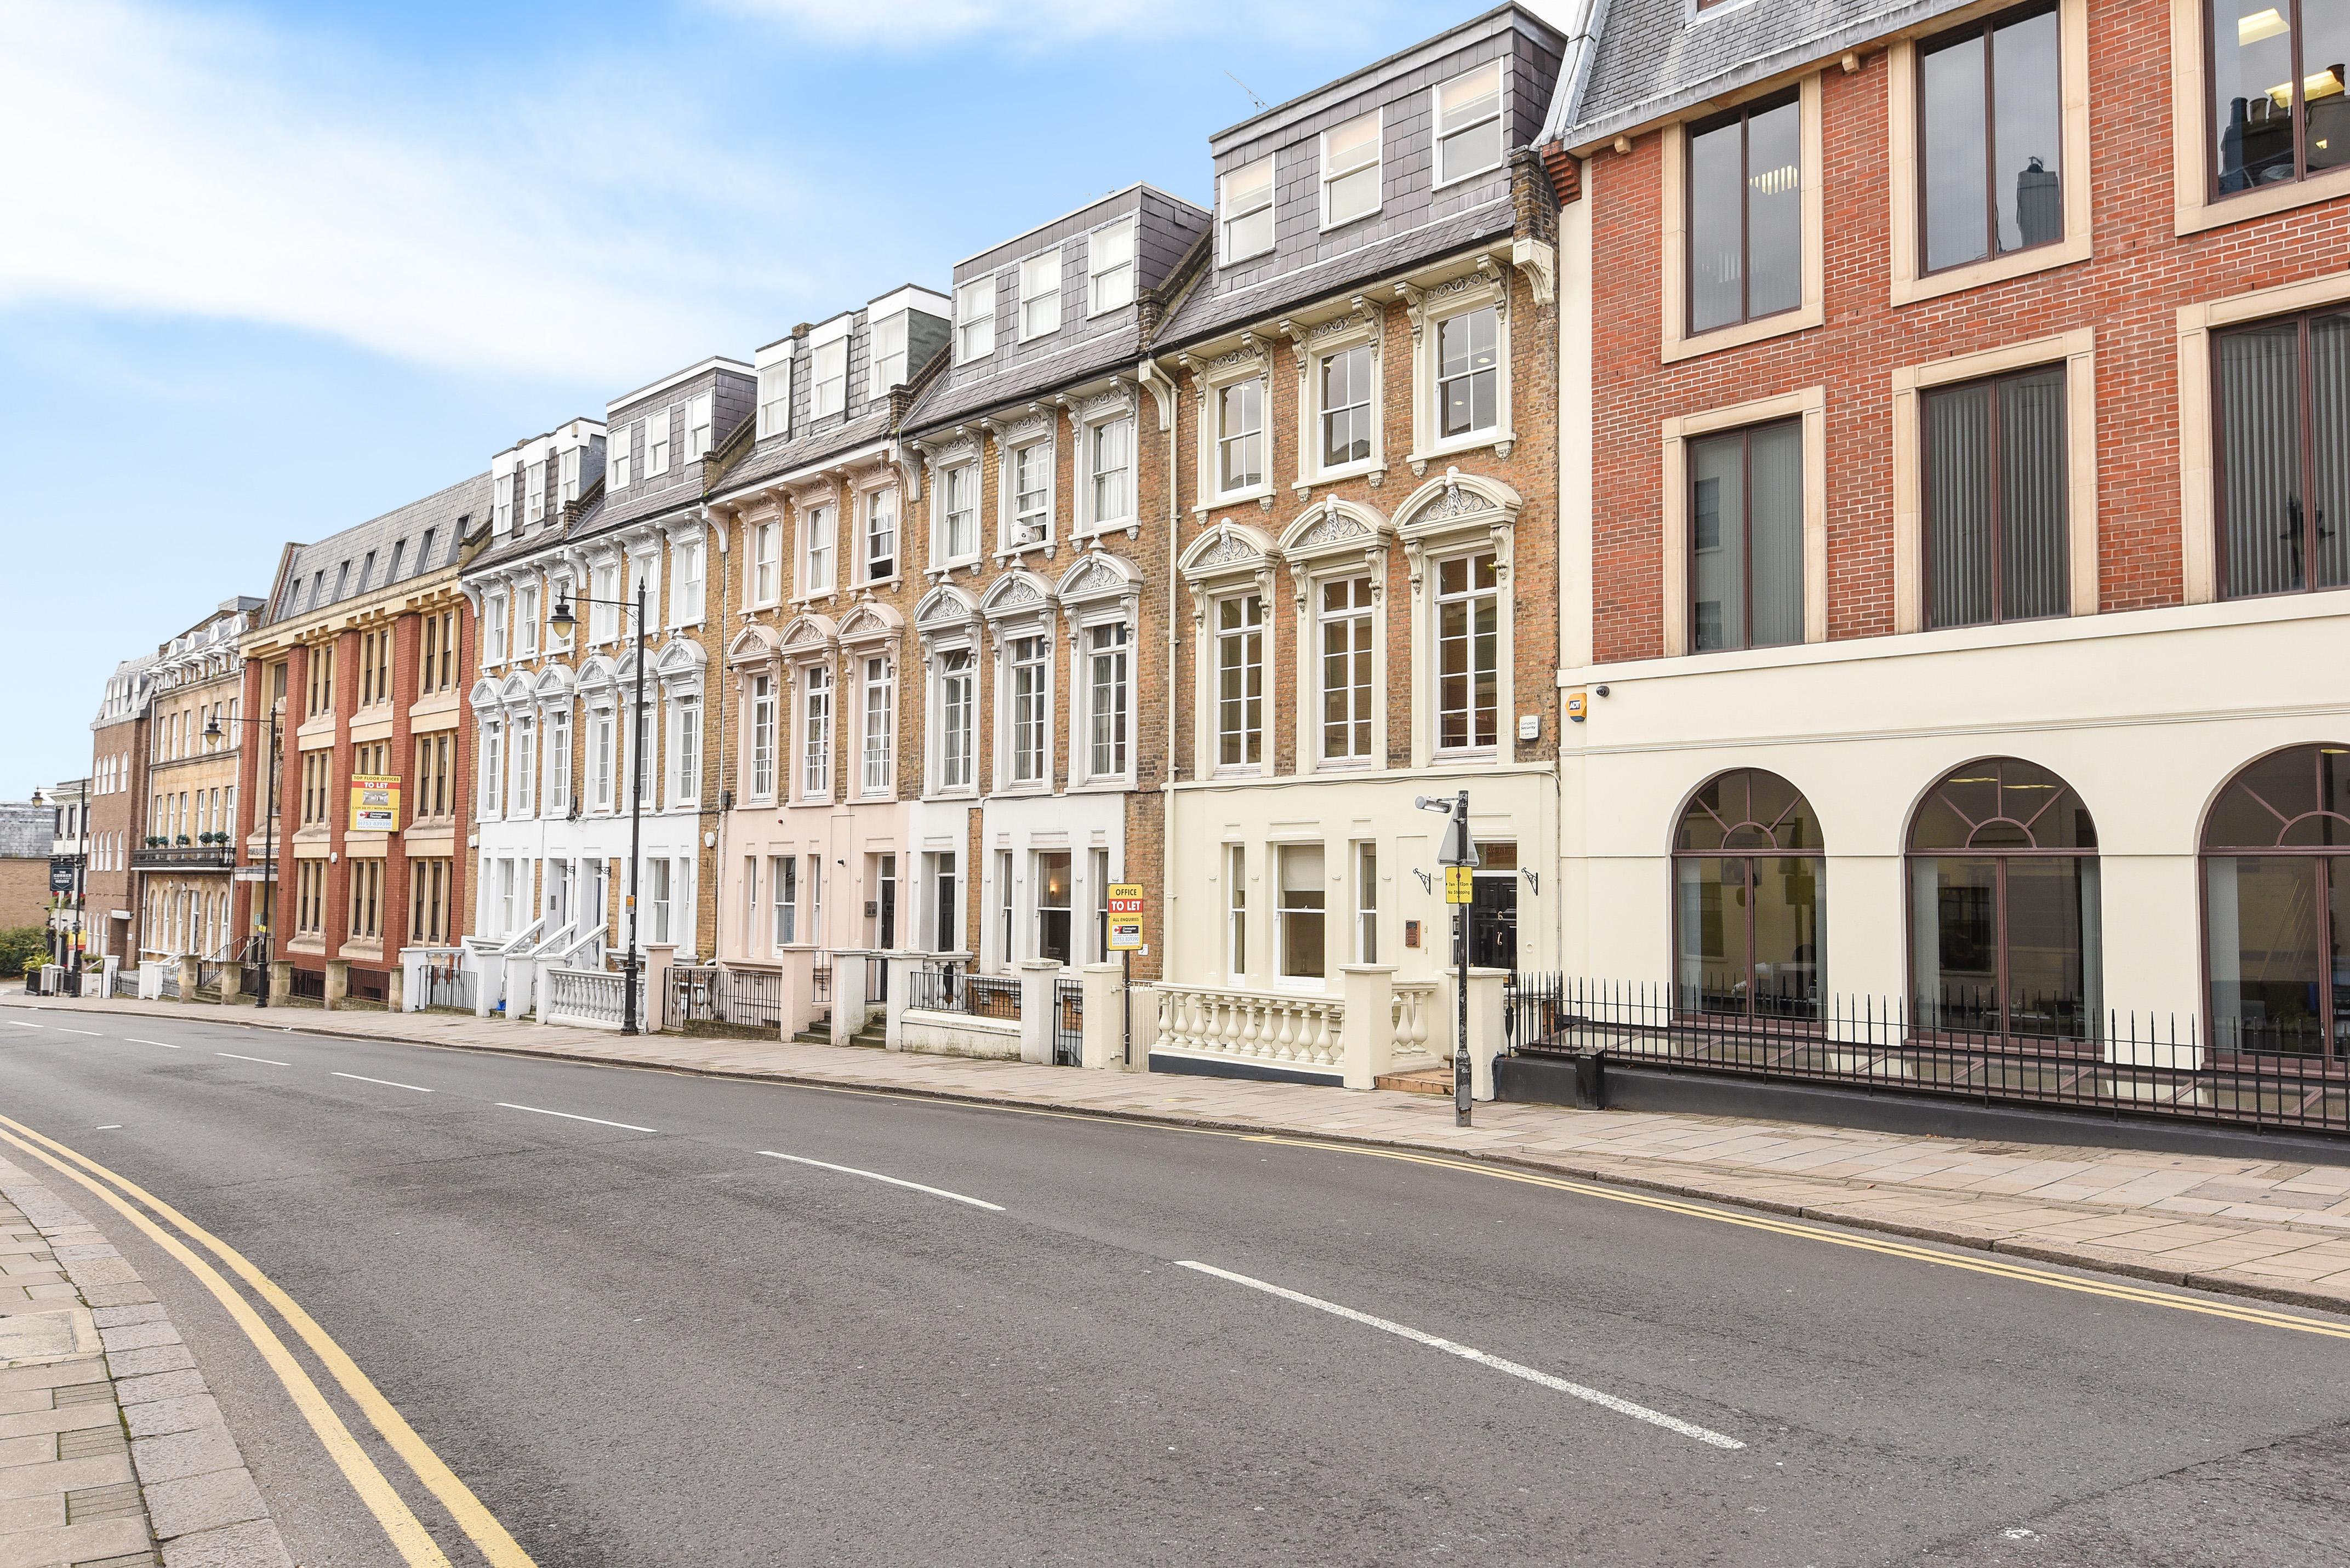 Kingsbury House Sheet Street Windsor SL4 1BG